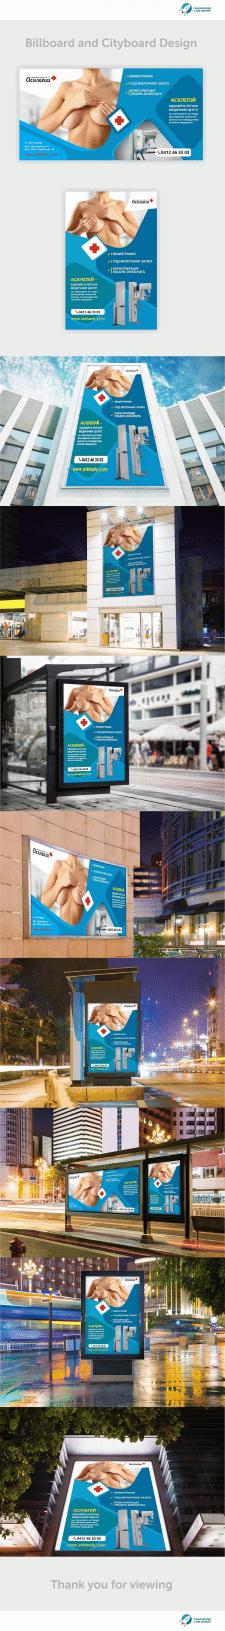 Дизайн билборда и ситилайта